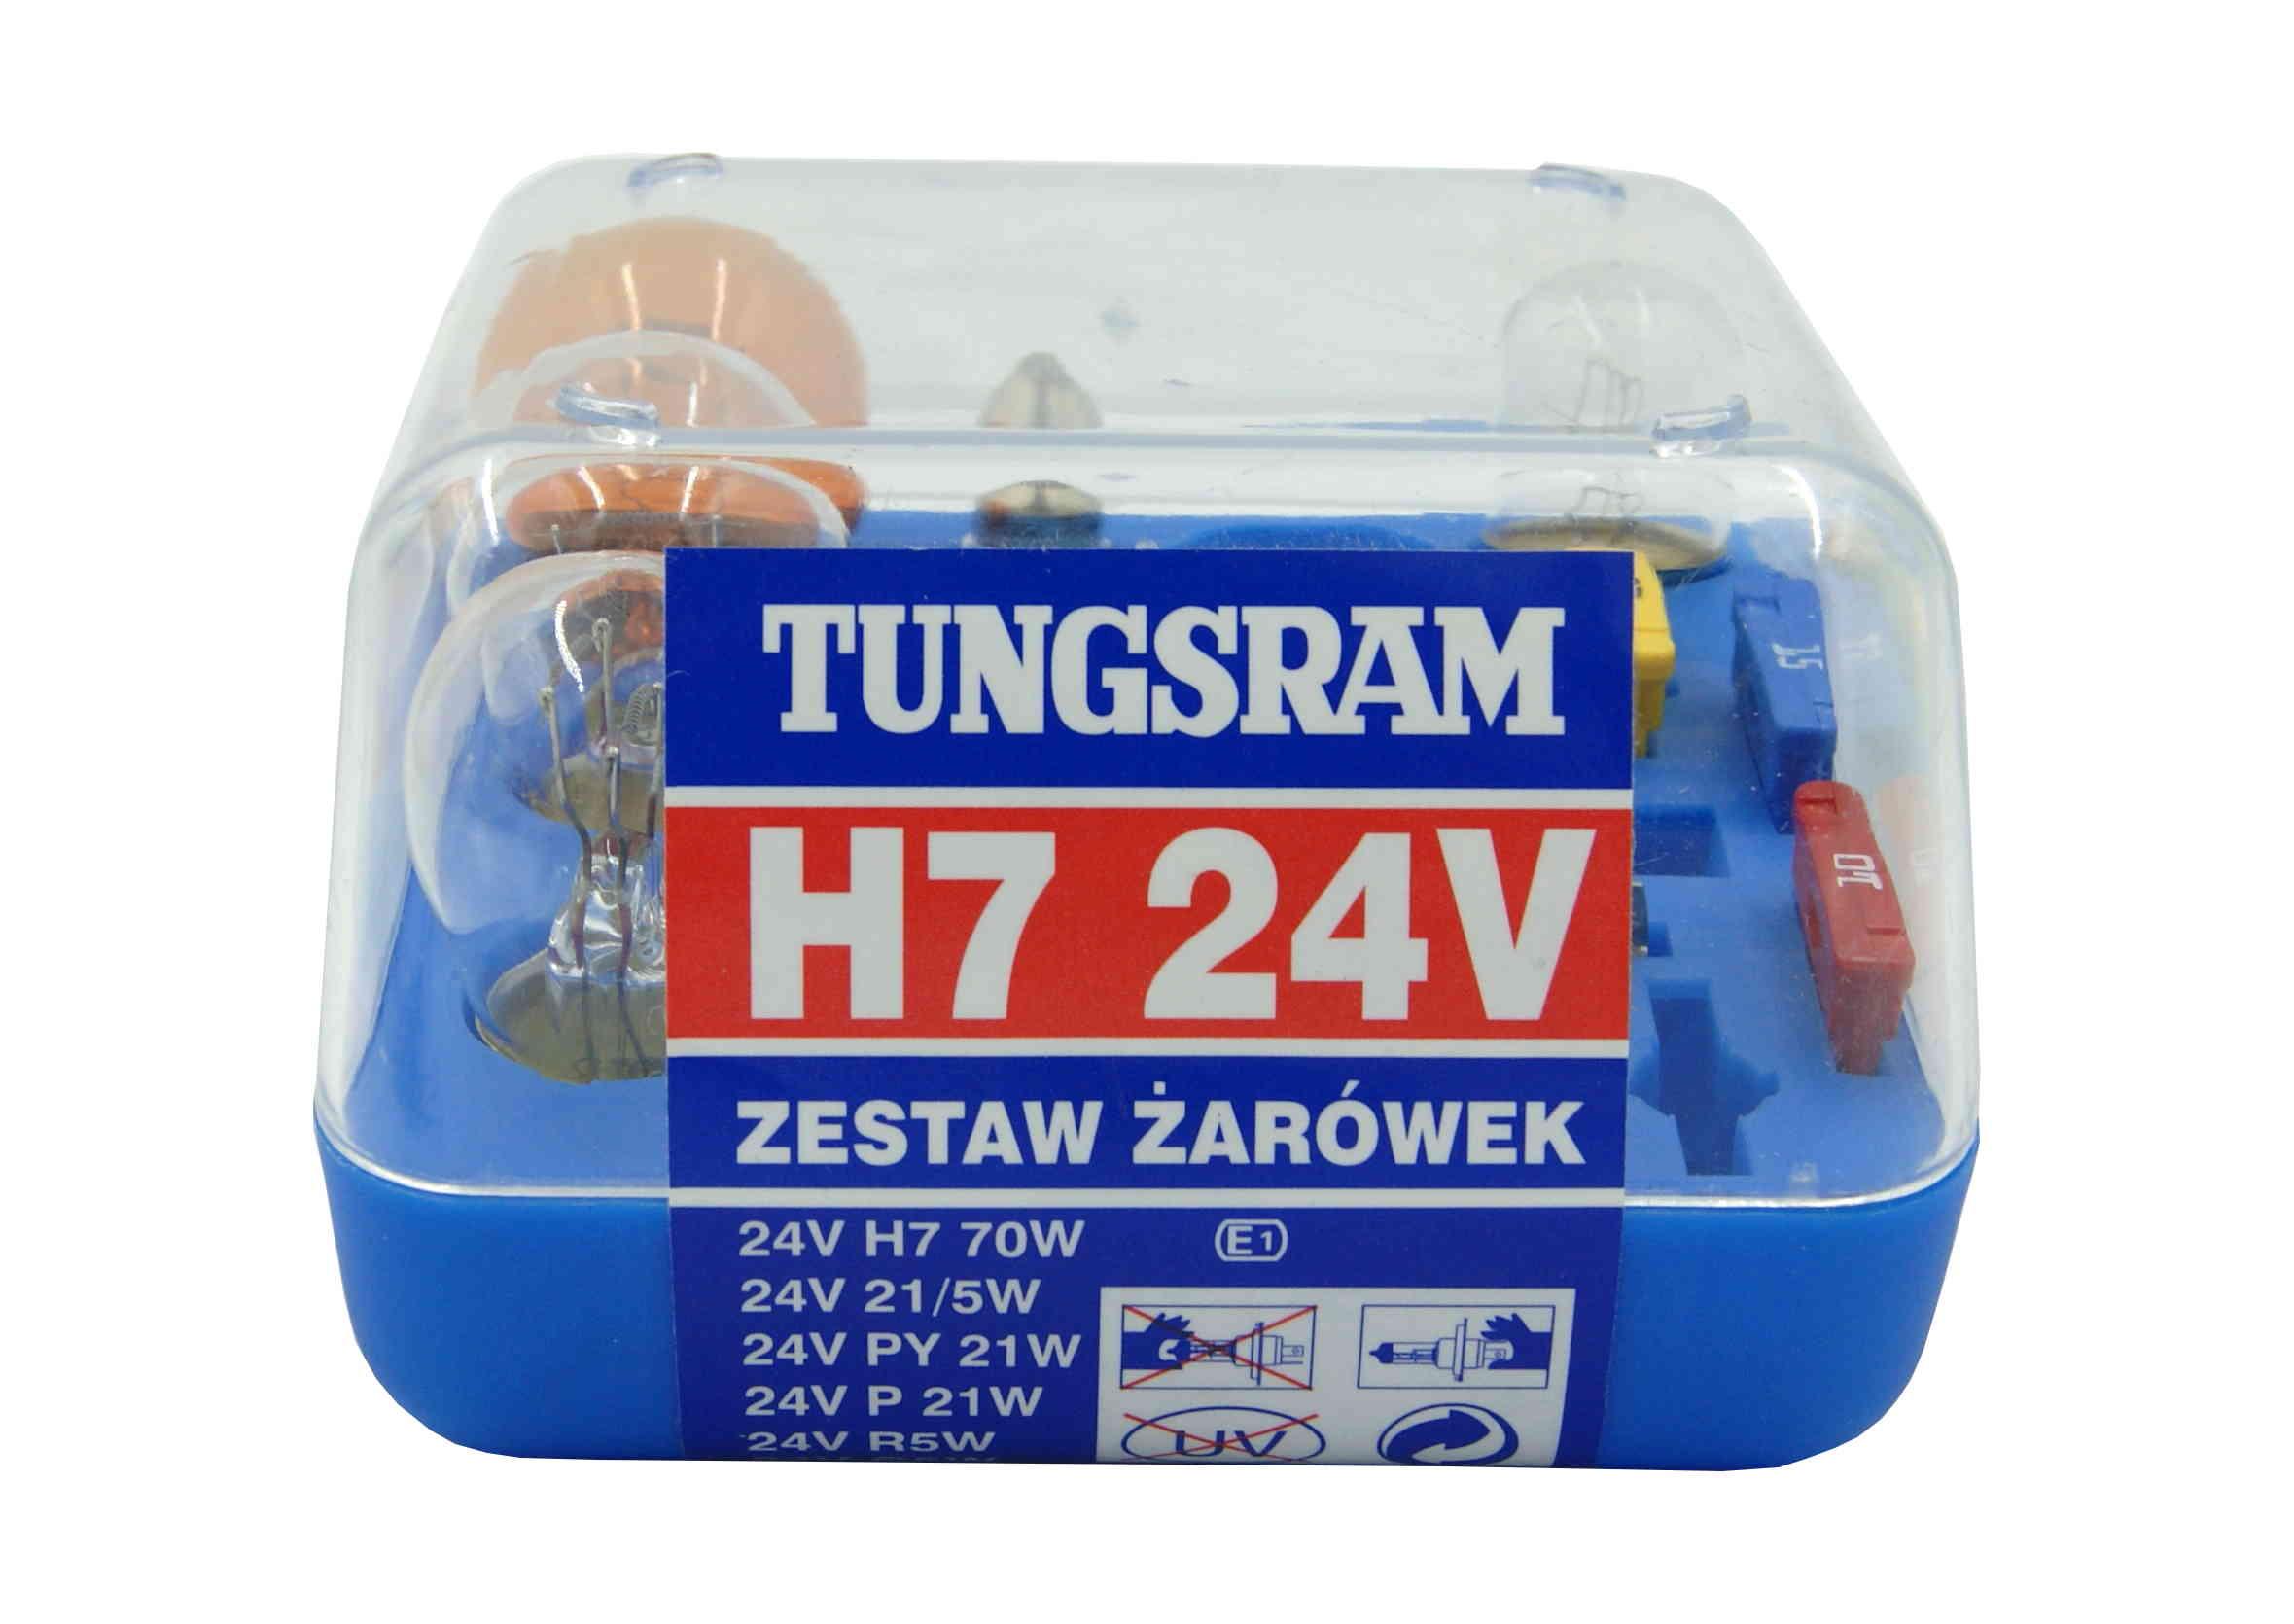 Zestaw żarówek H7 24V z bezpiecznikami do Ciężarówki Tungsram